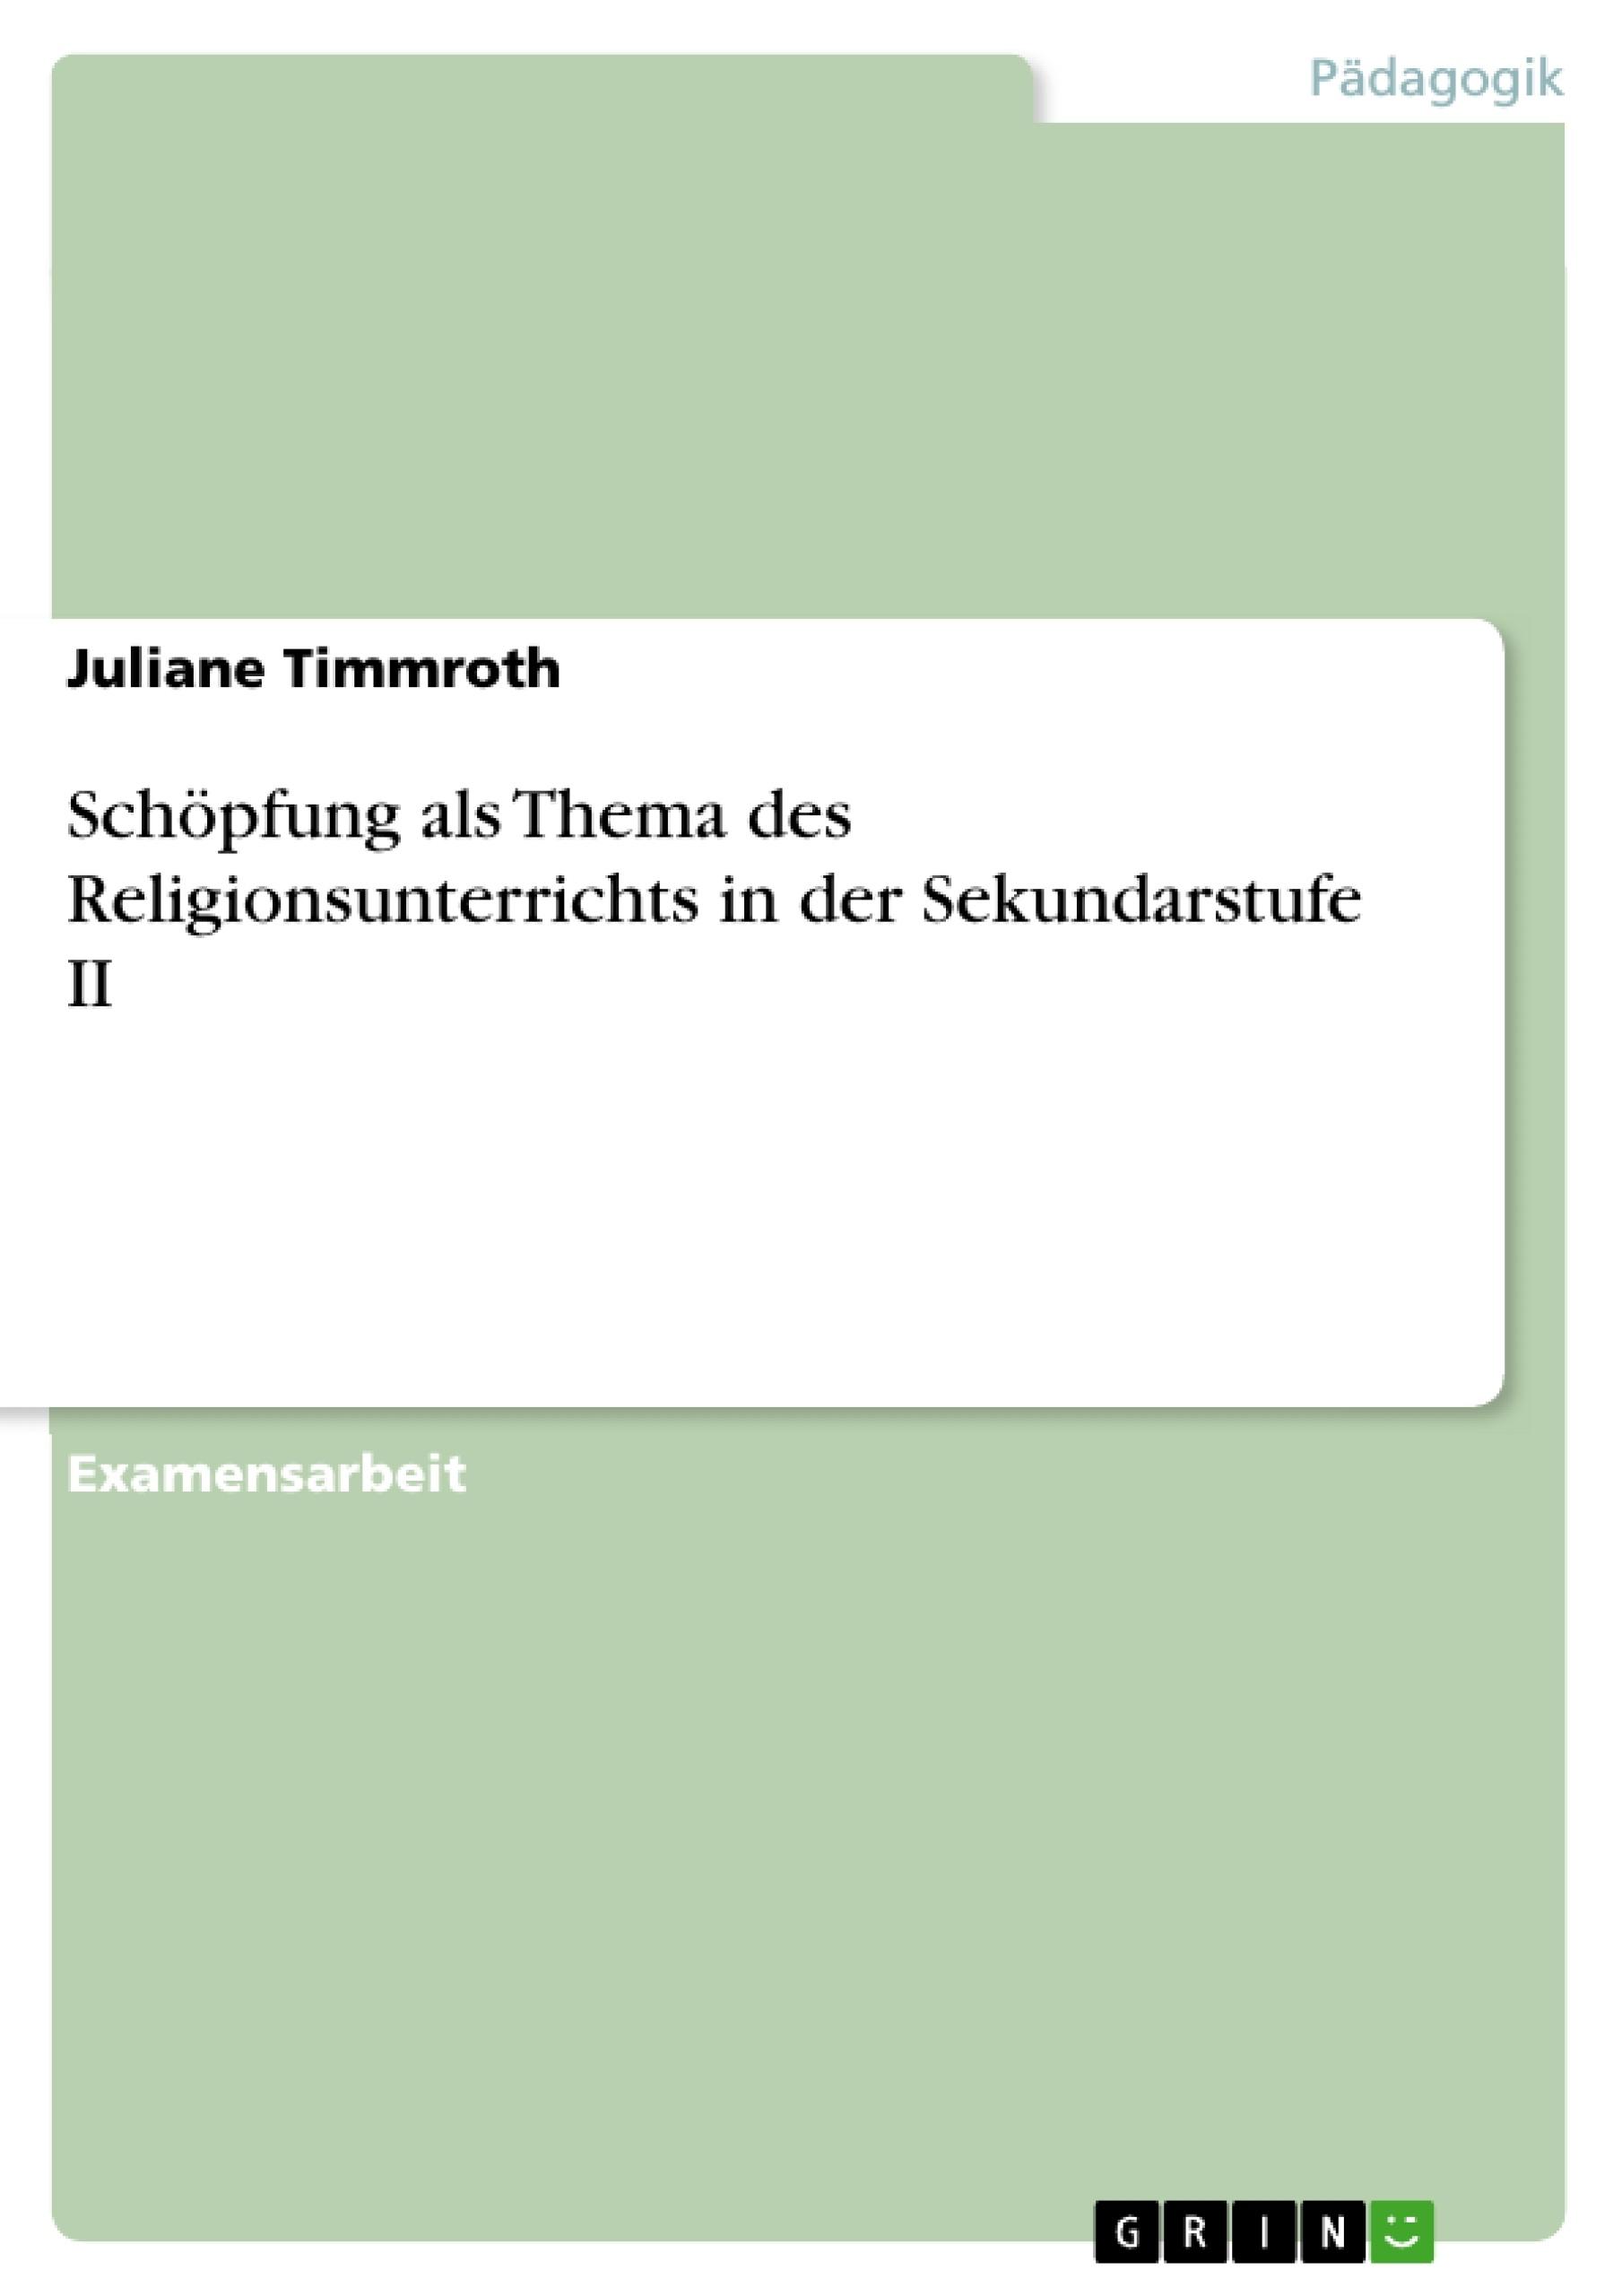 Titel: Schöpfung als Thema des Religionsunterrichts in der Sekundarstufe II